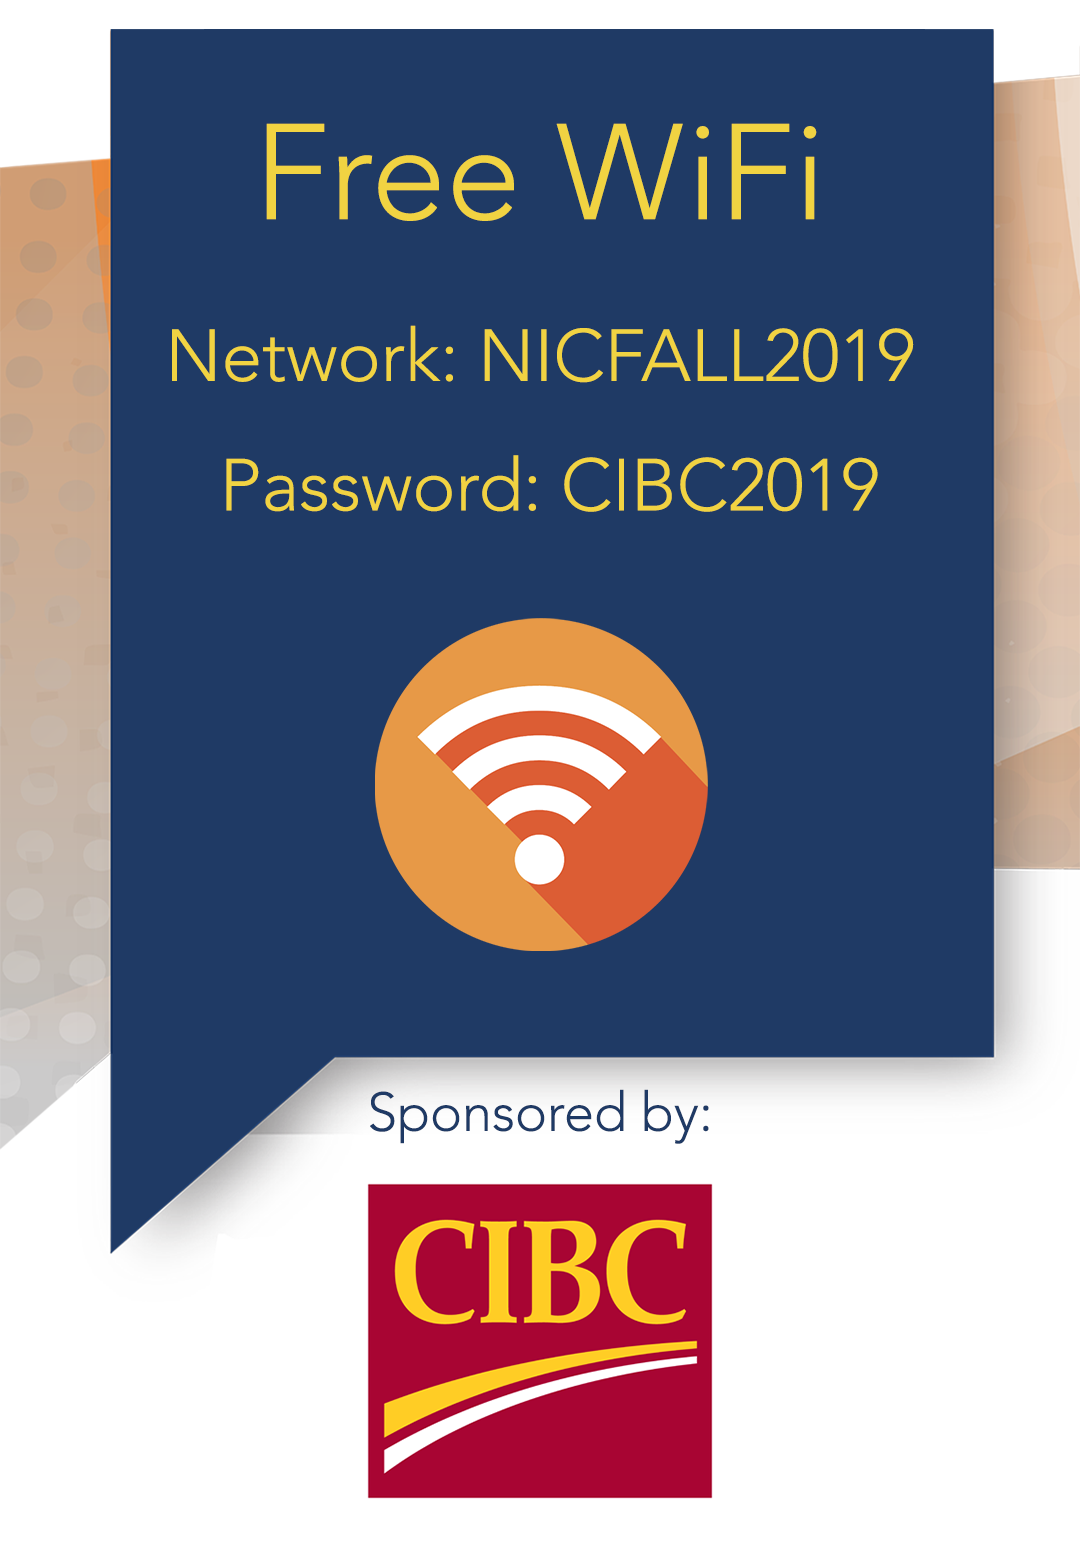 NIC-FALL2019-wifi-banner